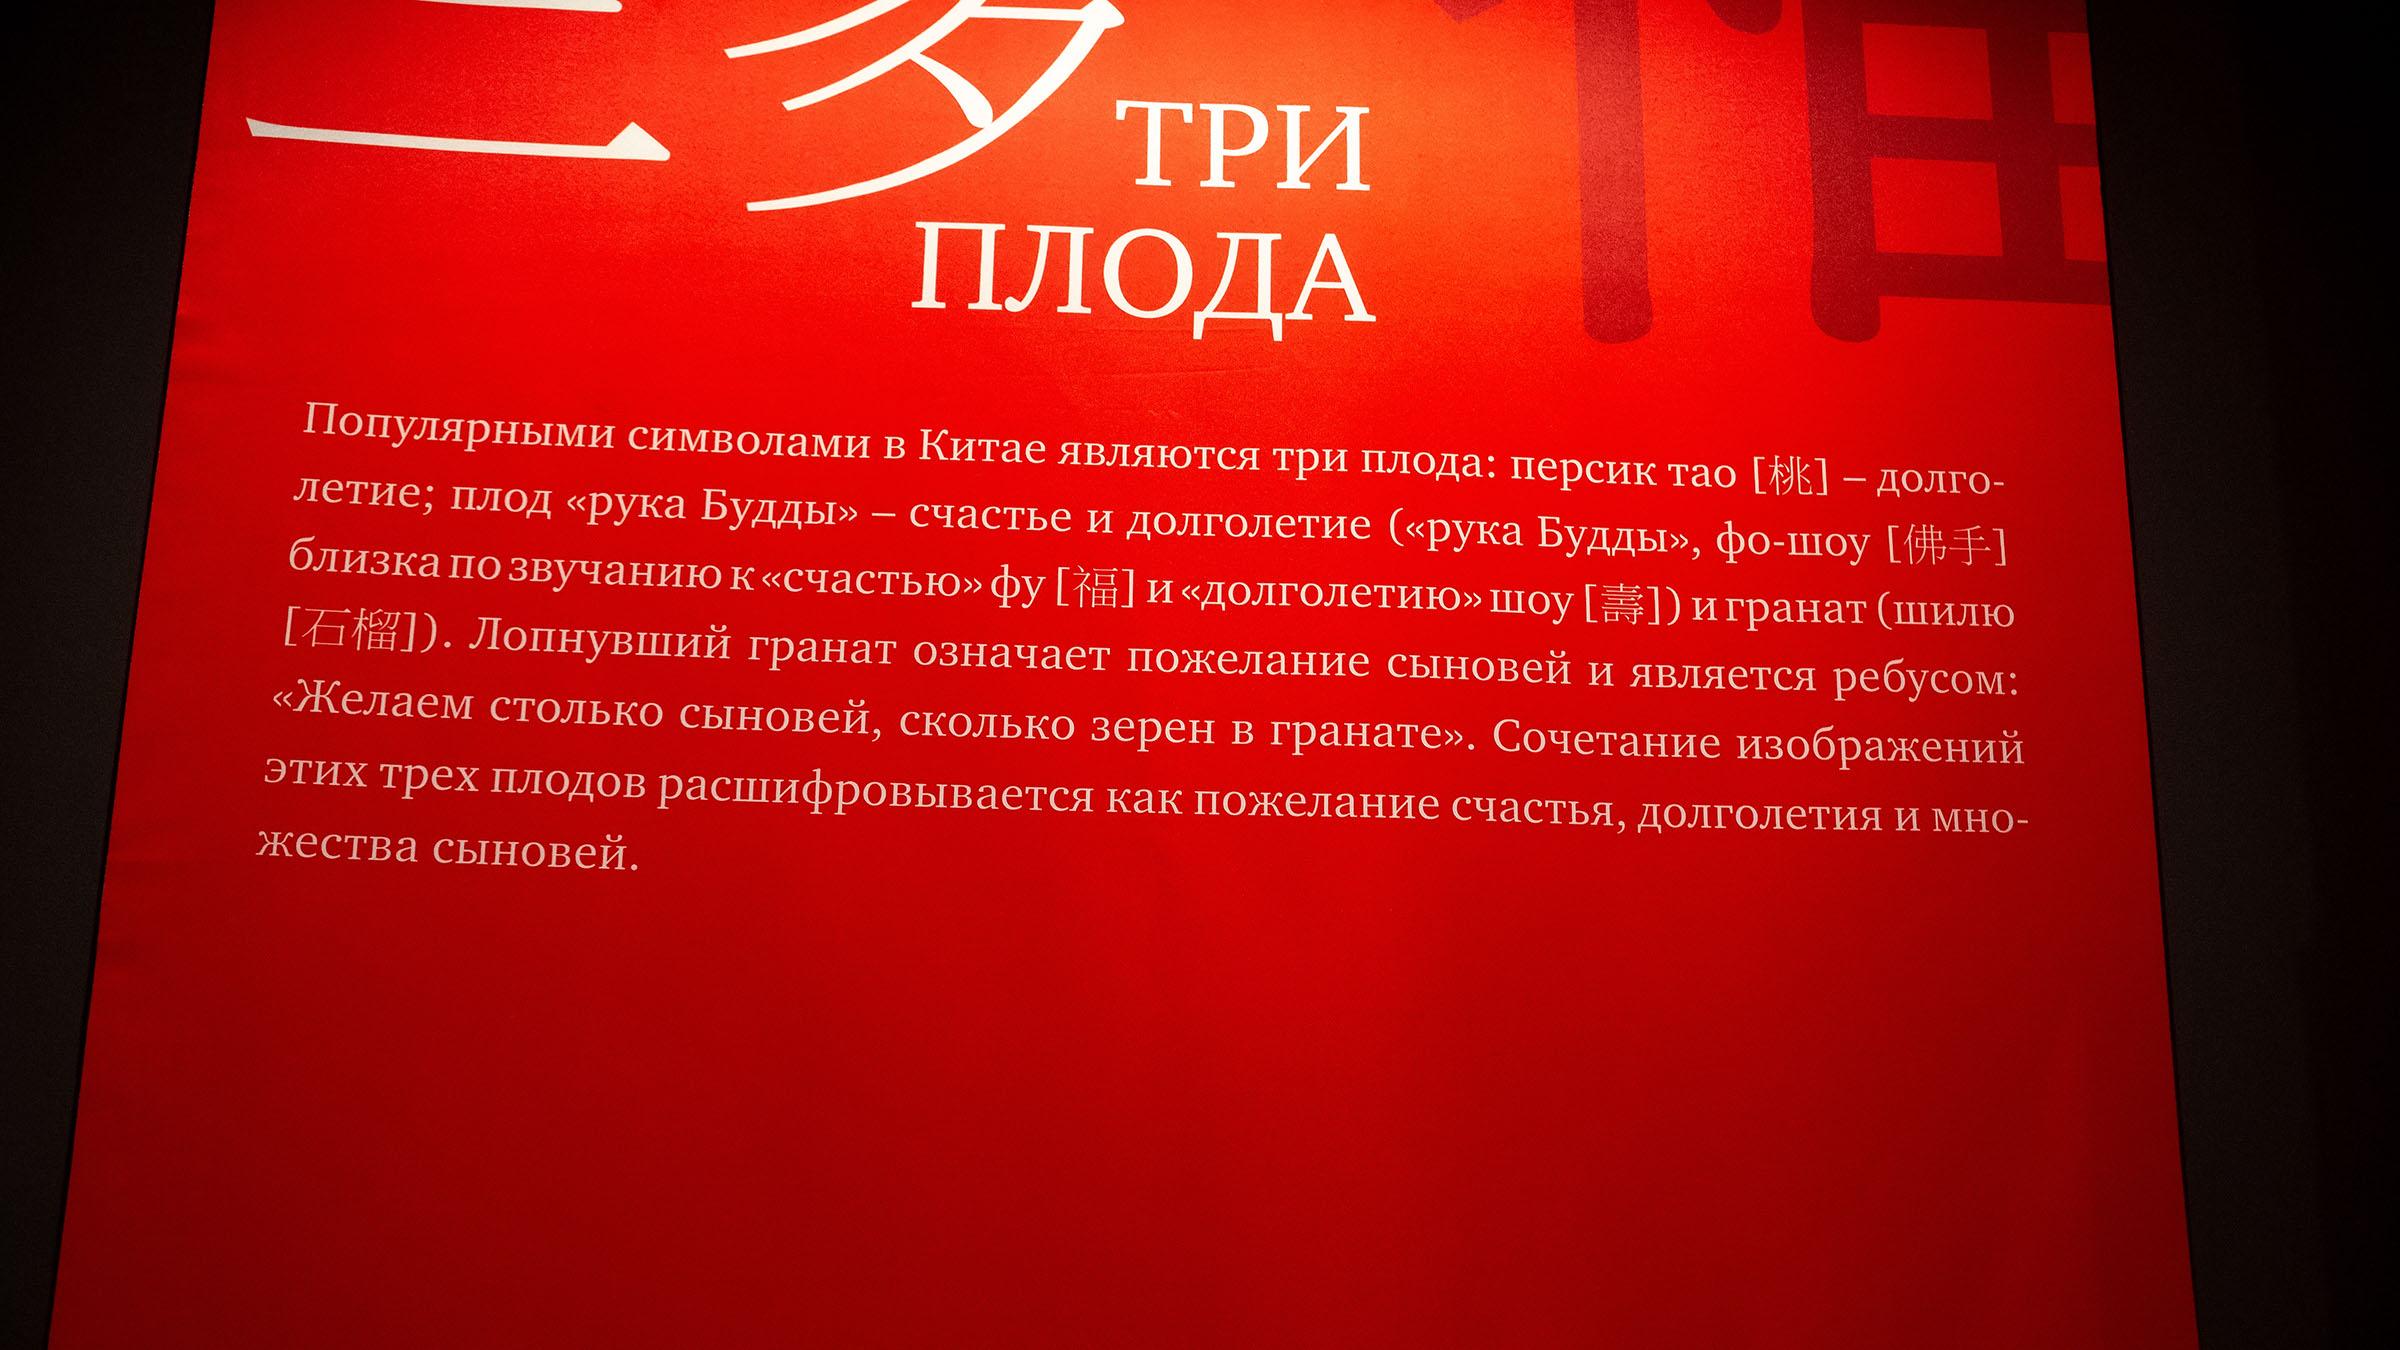 Три плода - информационный банер::Пять символов счастья. Выставка Государственного Эрмитажа